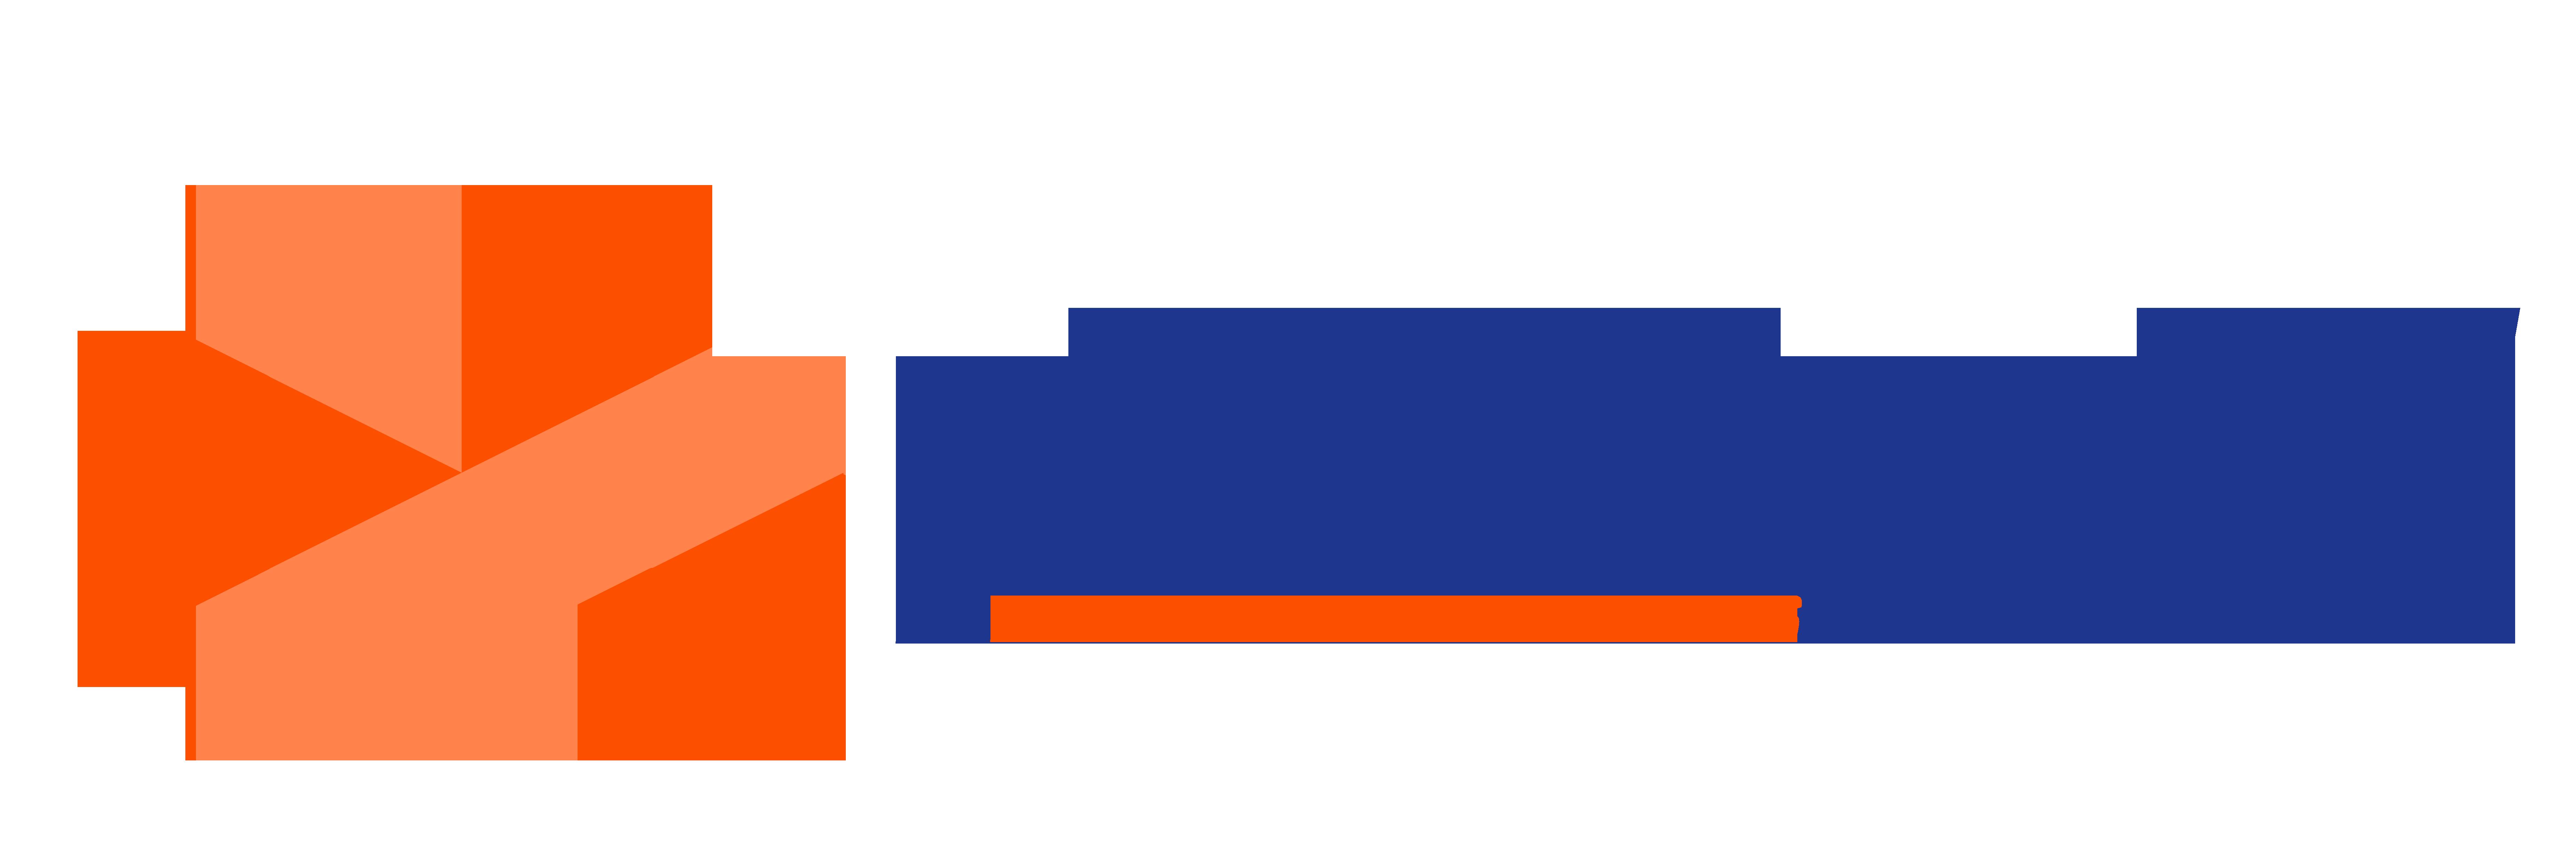 پلاس پان - PlusPan